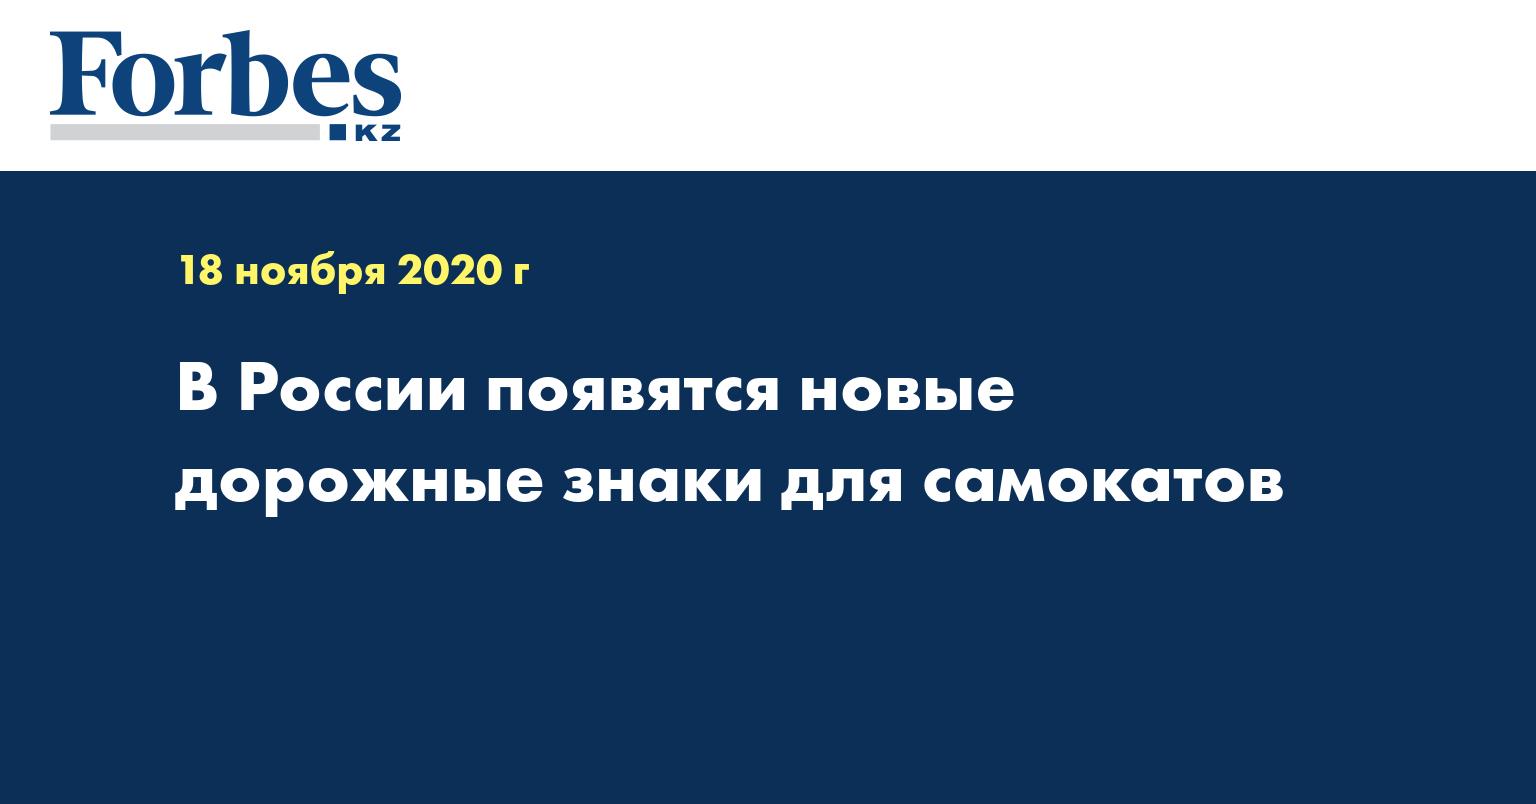 В России появятся новые дорожные знаки для самокатов